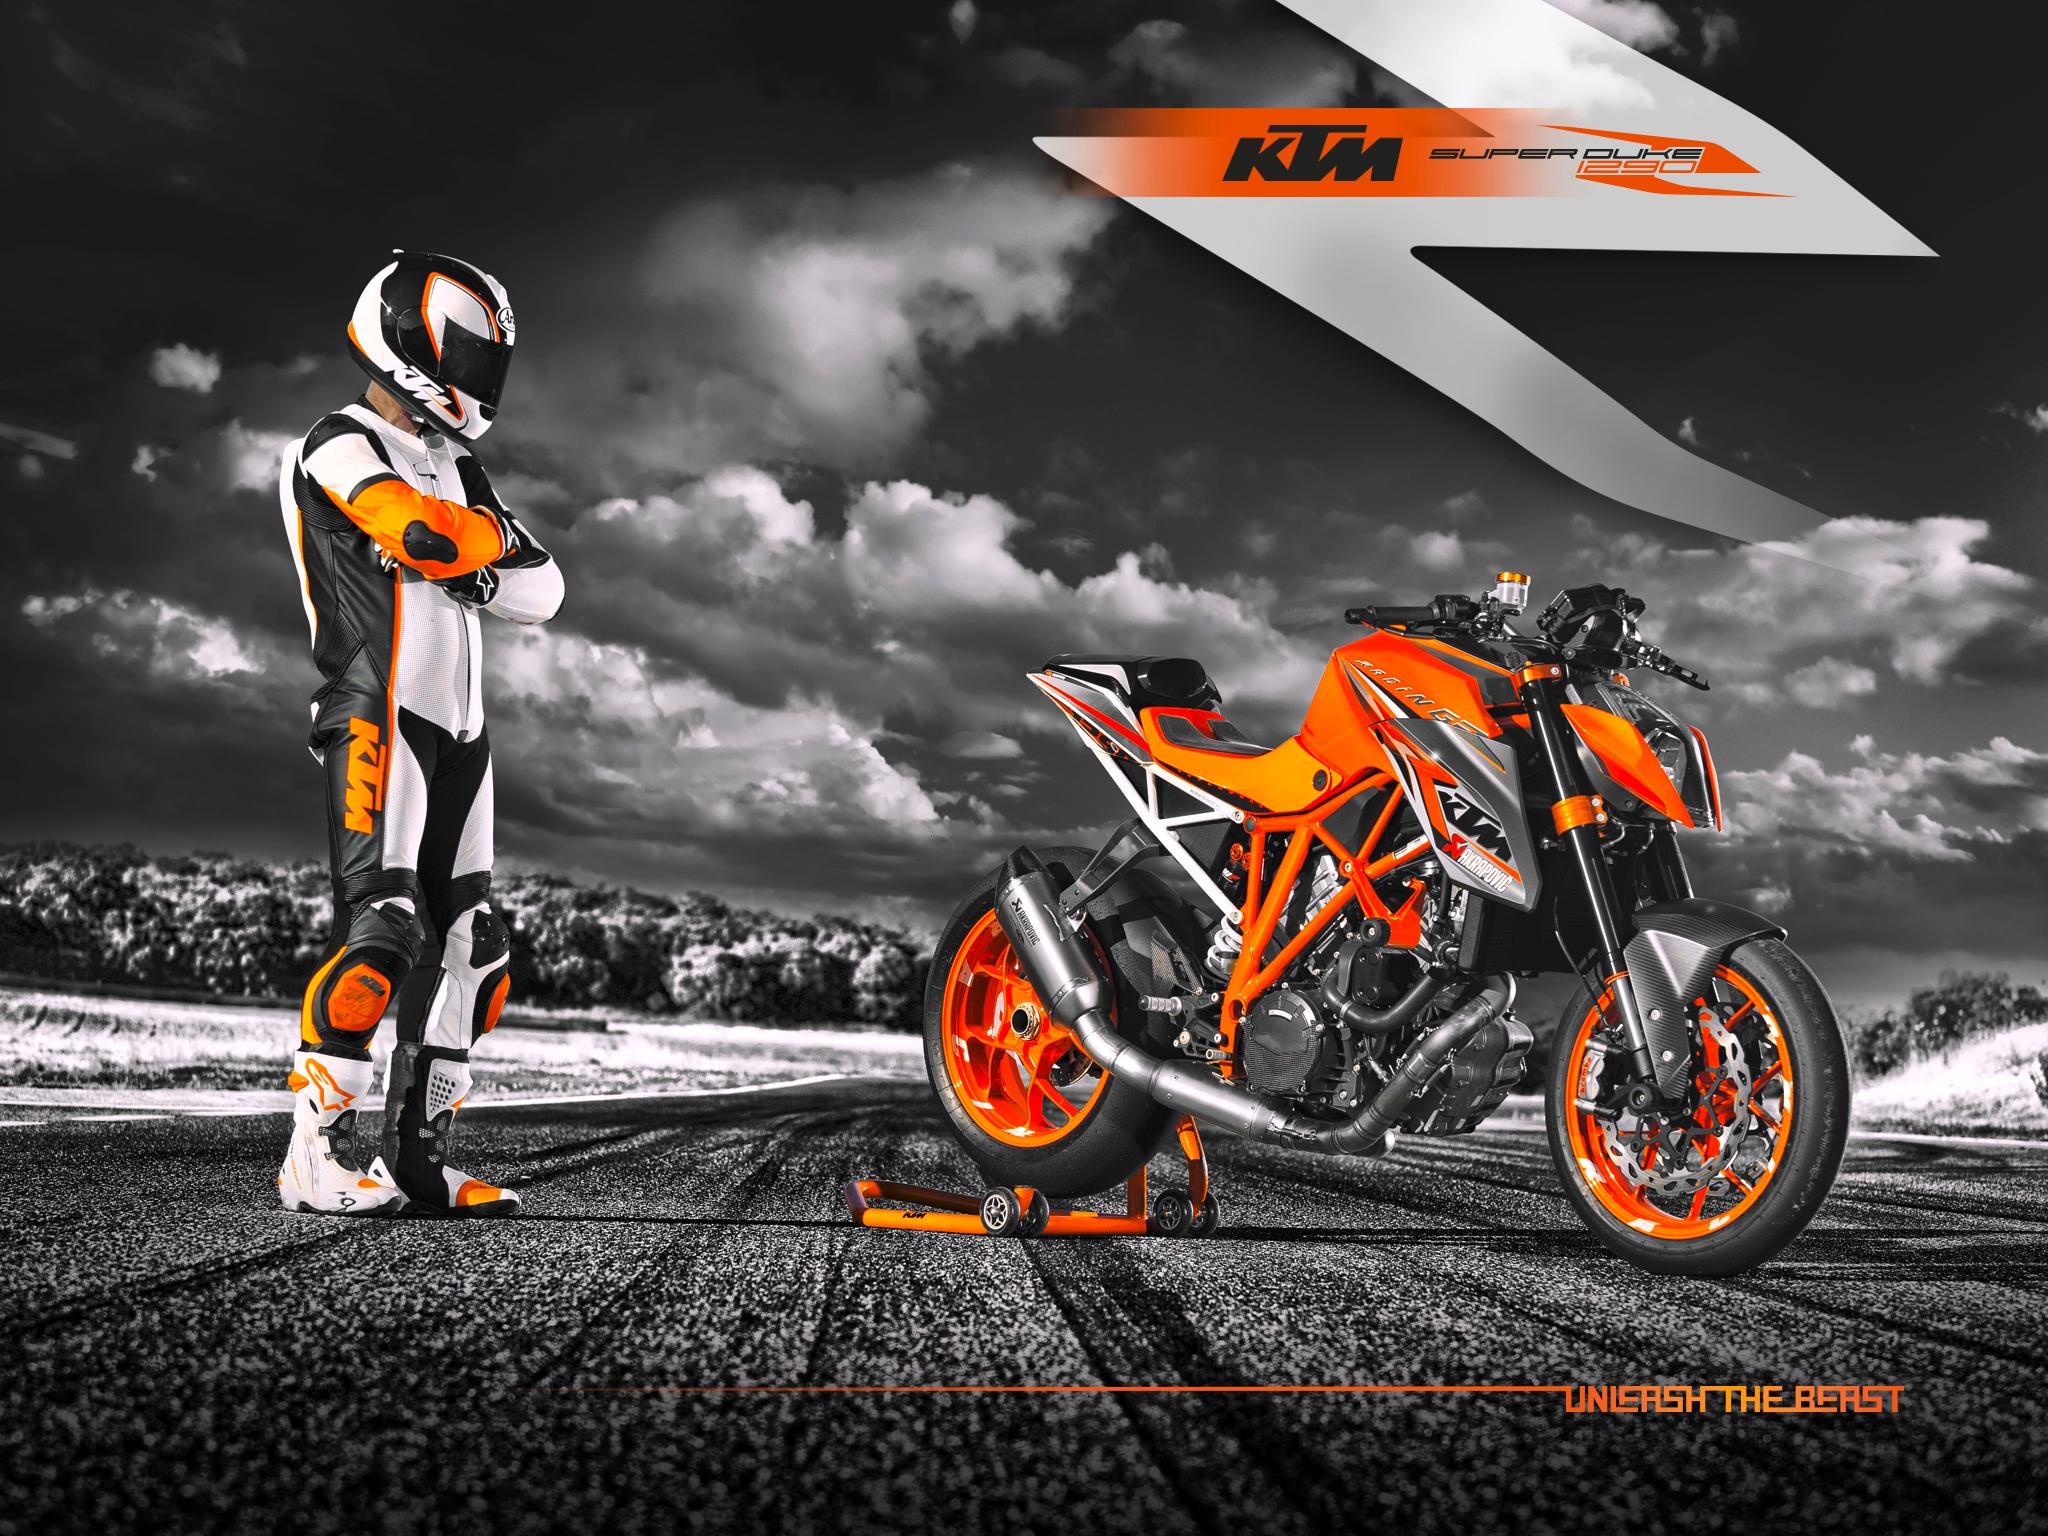 ktm s6 1290sdr ktm sd1290 wallpaper still 2 race rzjpg 2048x1536